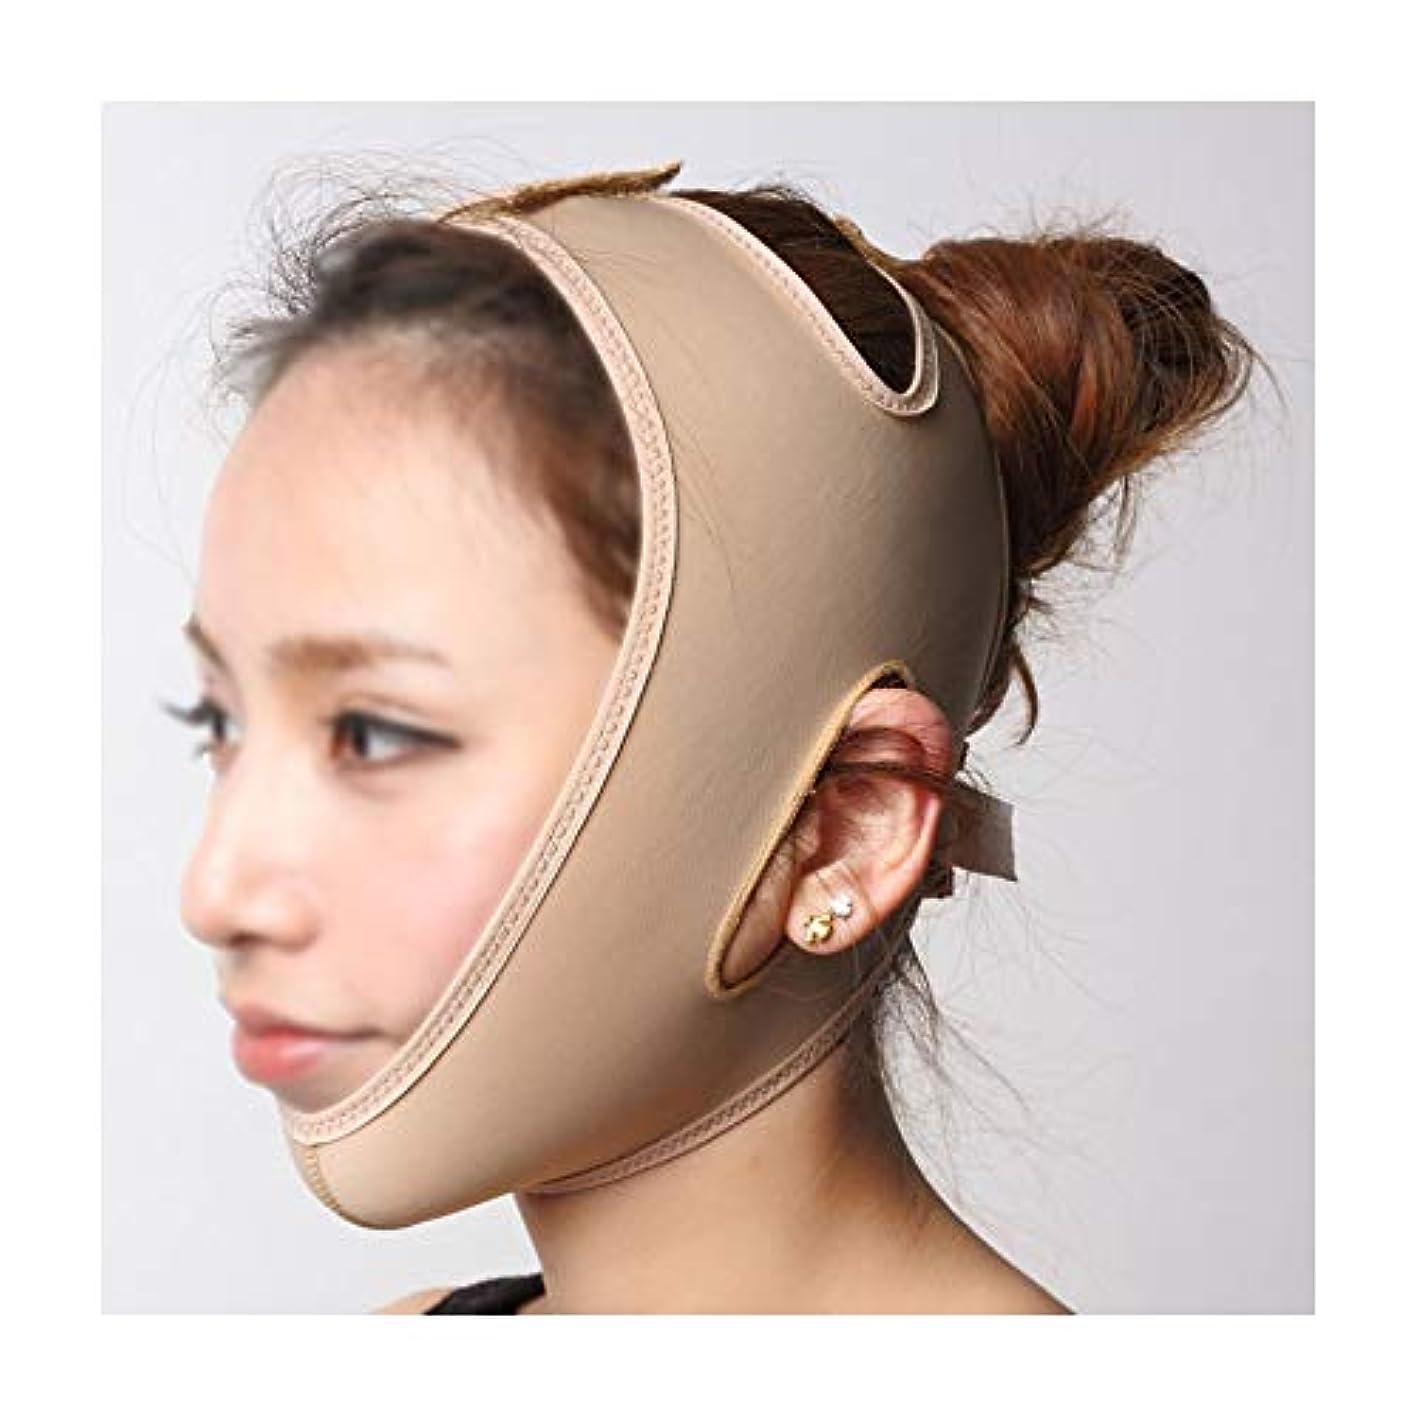 効率前件ケーキXHLMRMJ 引き締めフェイスマスク、睡眠薄い顔包帯薄いフェイスマスクフェイスリフティングフェイスメロンフェイスVフェイスリフティング引き締め二重あご美容ツール (Size : XL)